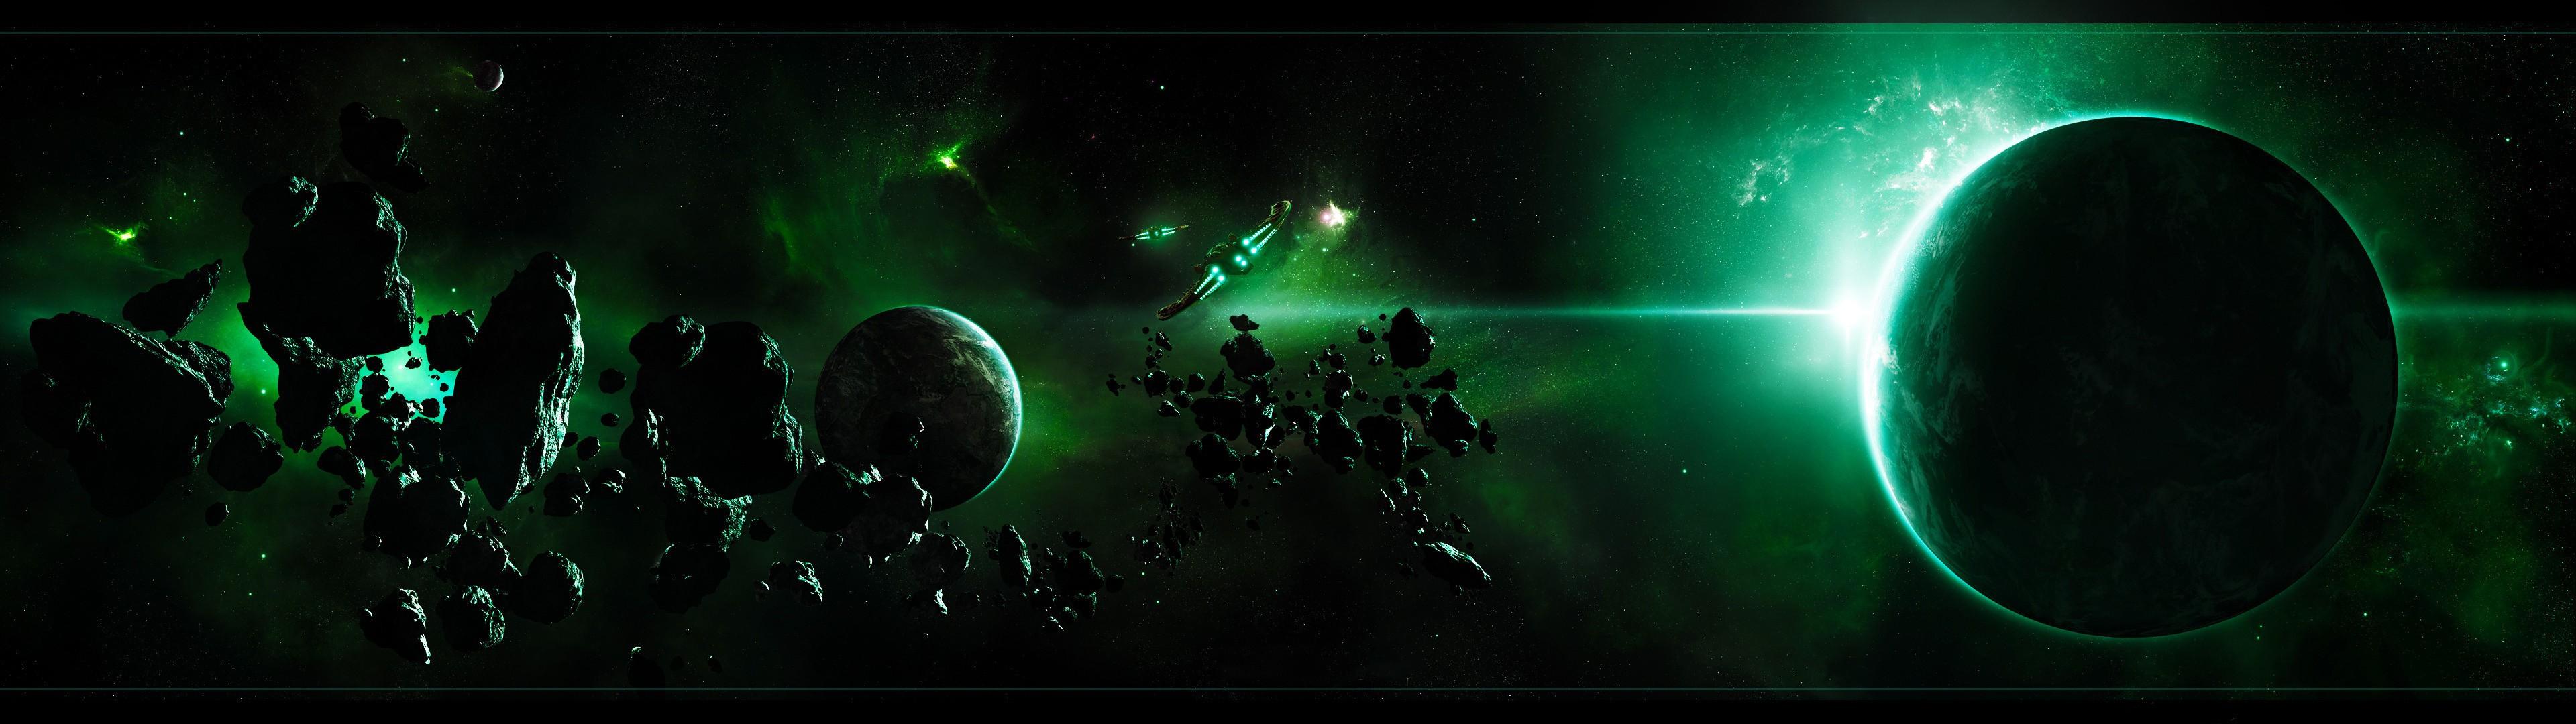 デスクトップ壁紙 スペース 宇宙美術 緑 宇宙船 デュアル